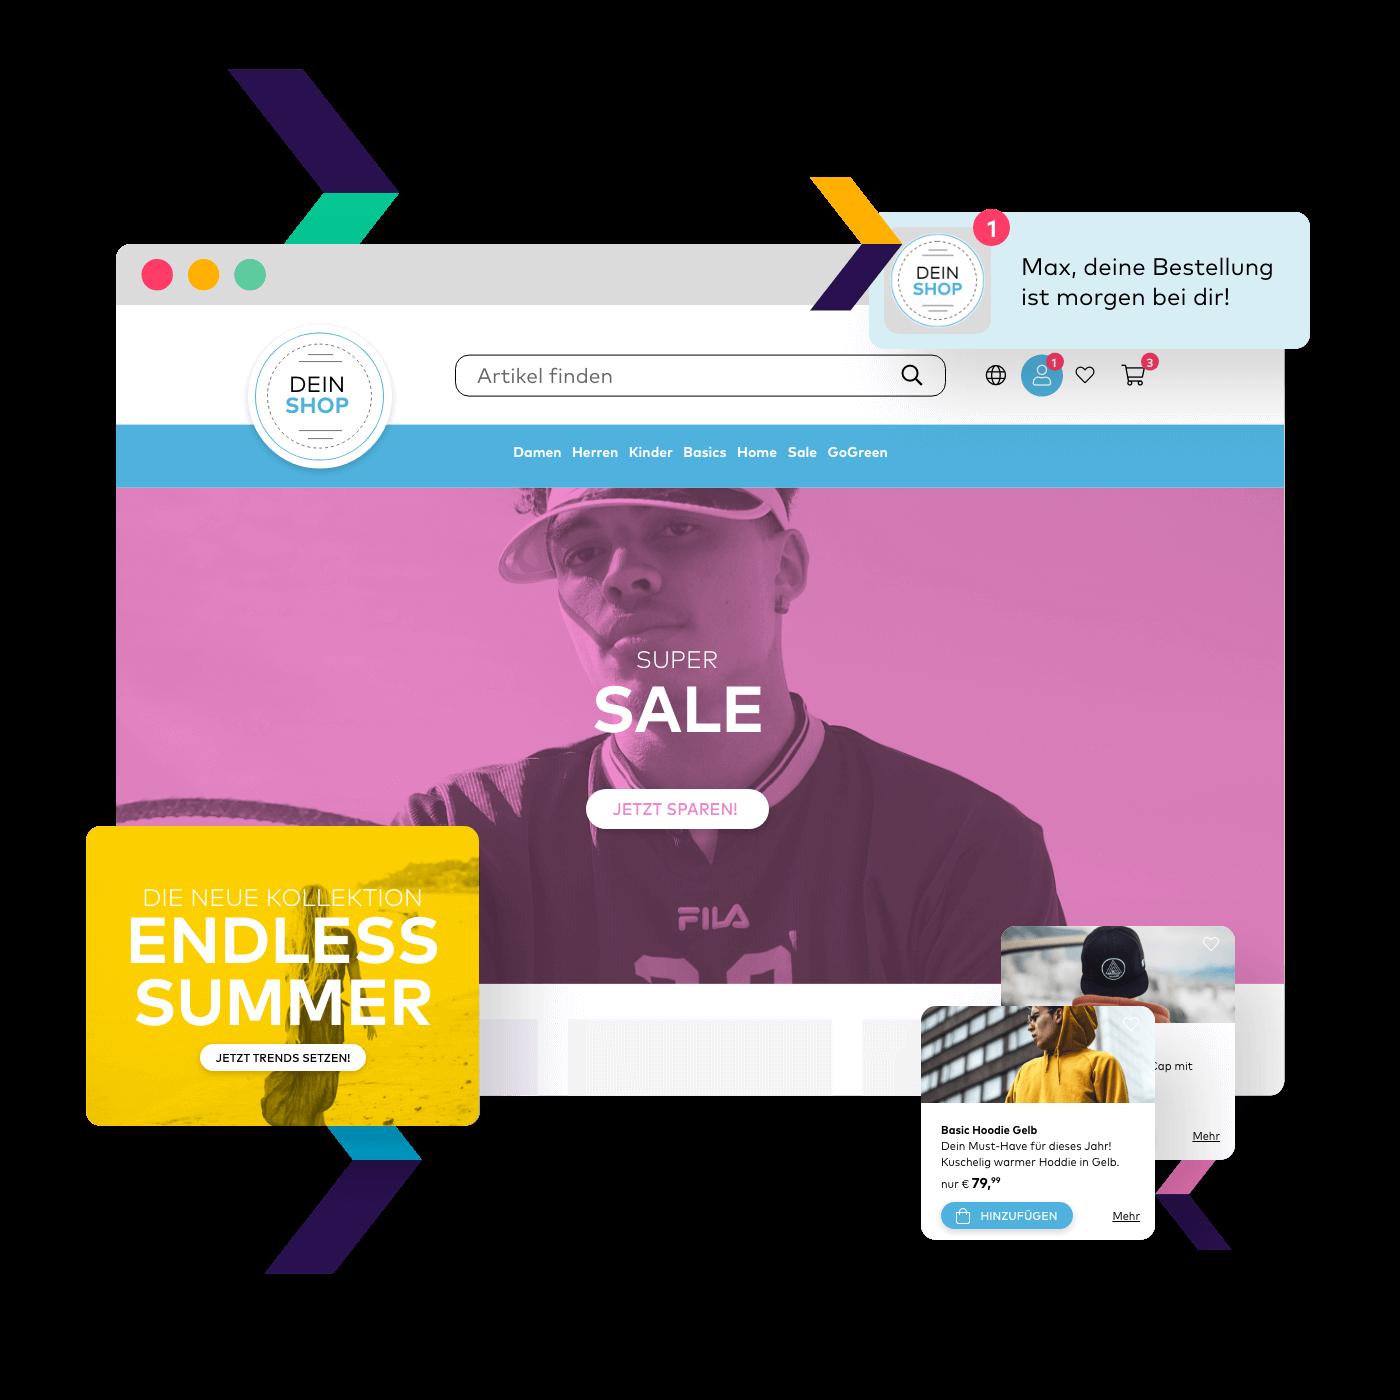 Mit der gleichen Anzahl an Kunden machst du ab heute bis zu + 10% mehr Umsatz. Was E-Commerce Wachstumschampions anders machen? Sie lassen den Sweet Spot Paketreise für sich arbeiten.